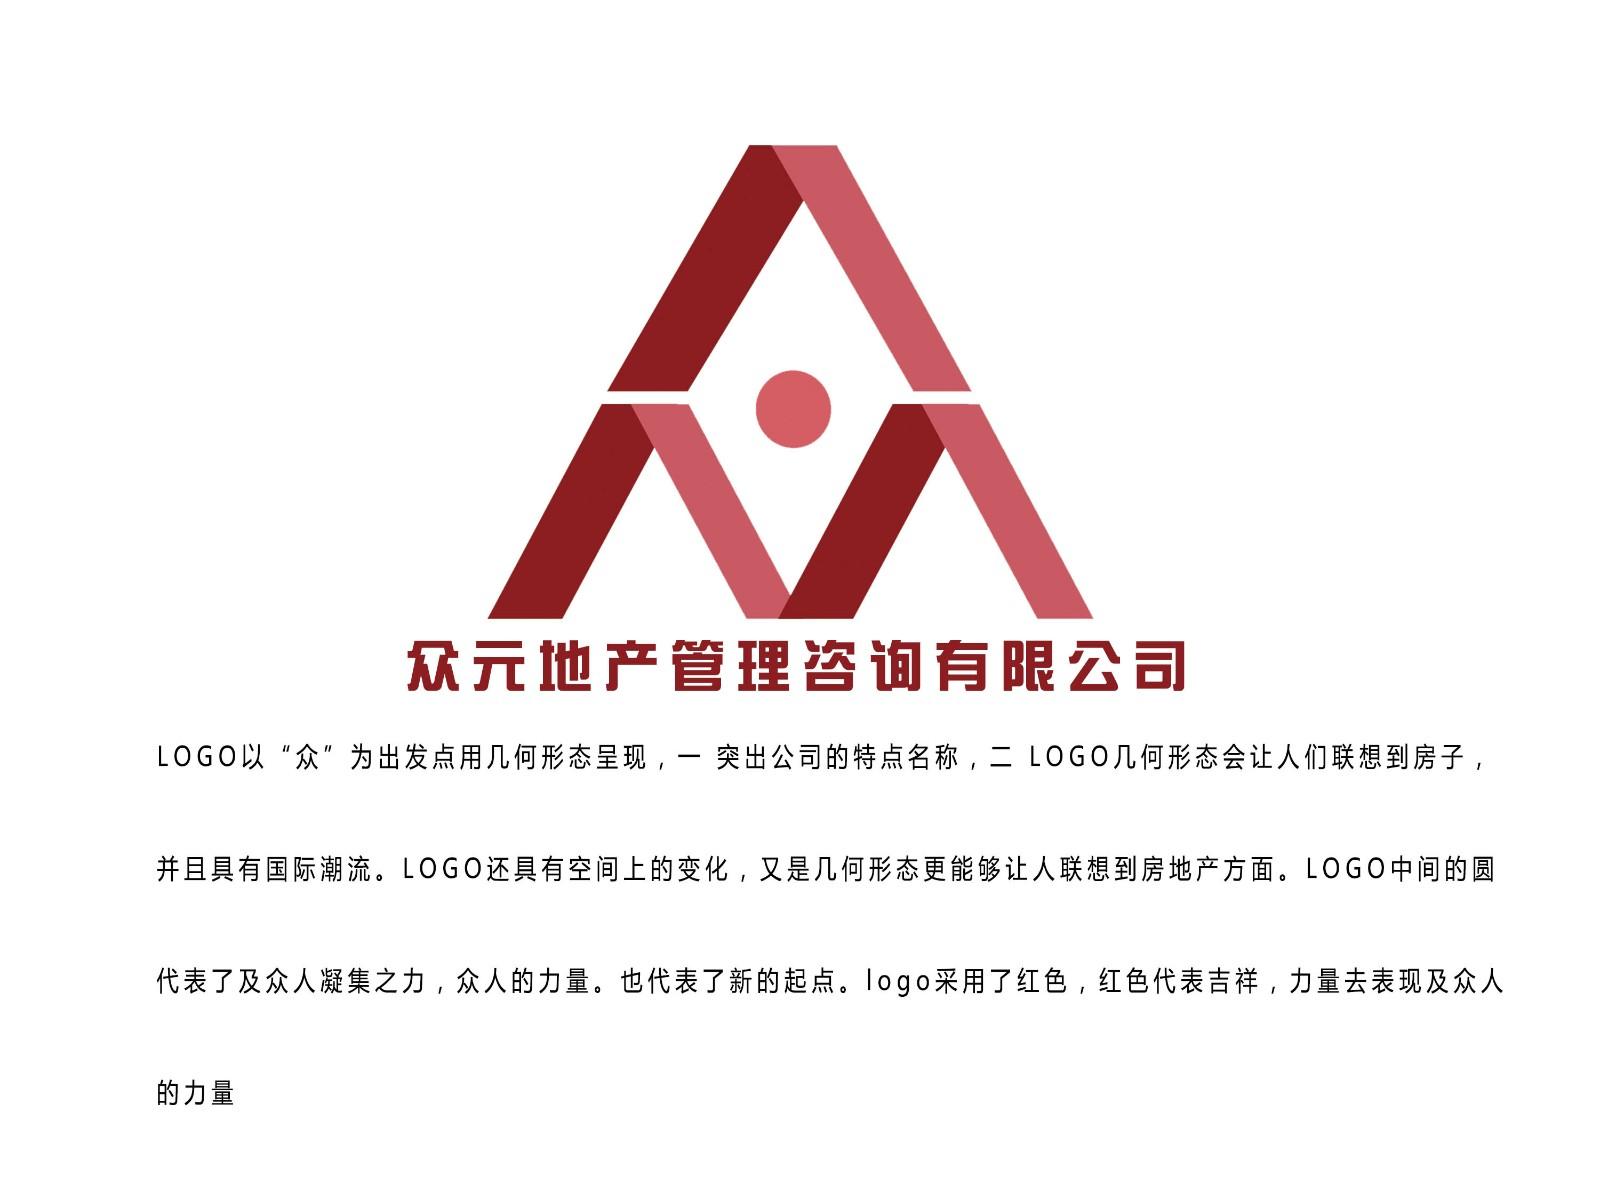 房产经纪公司求醒目logo